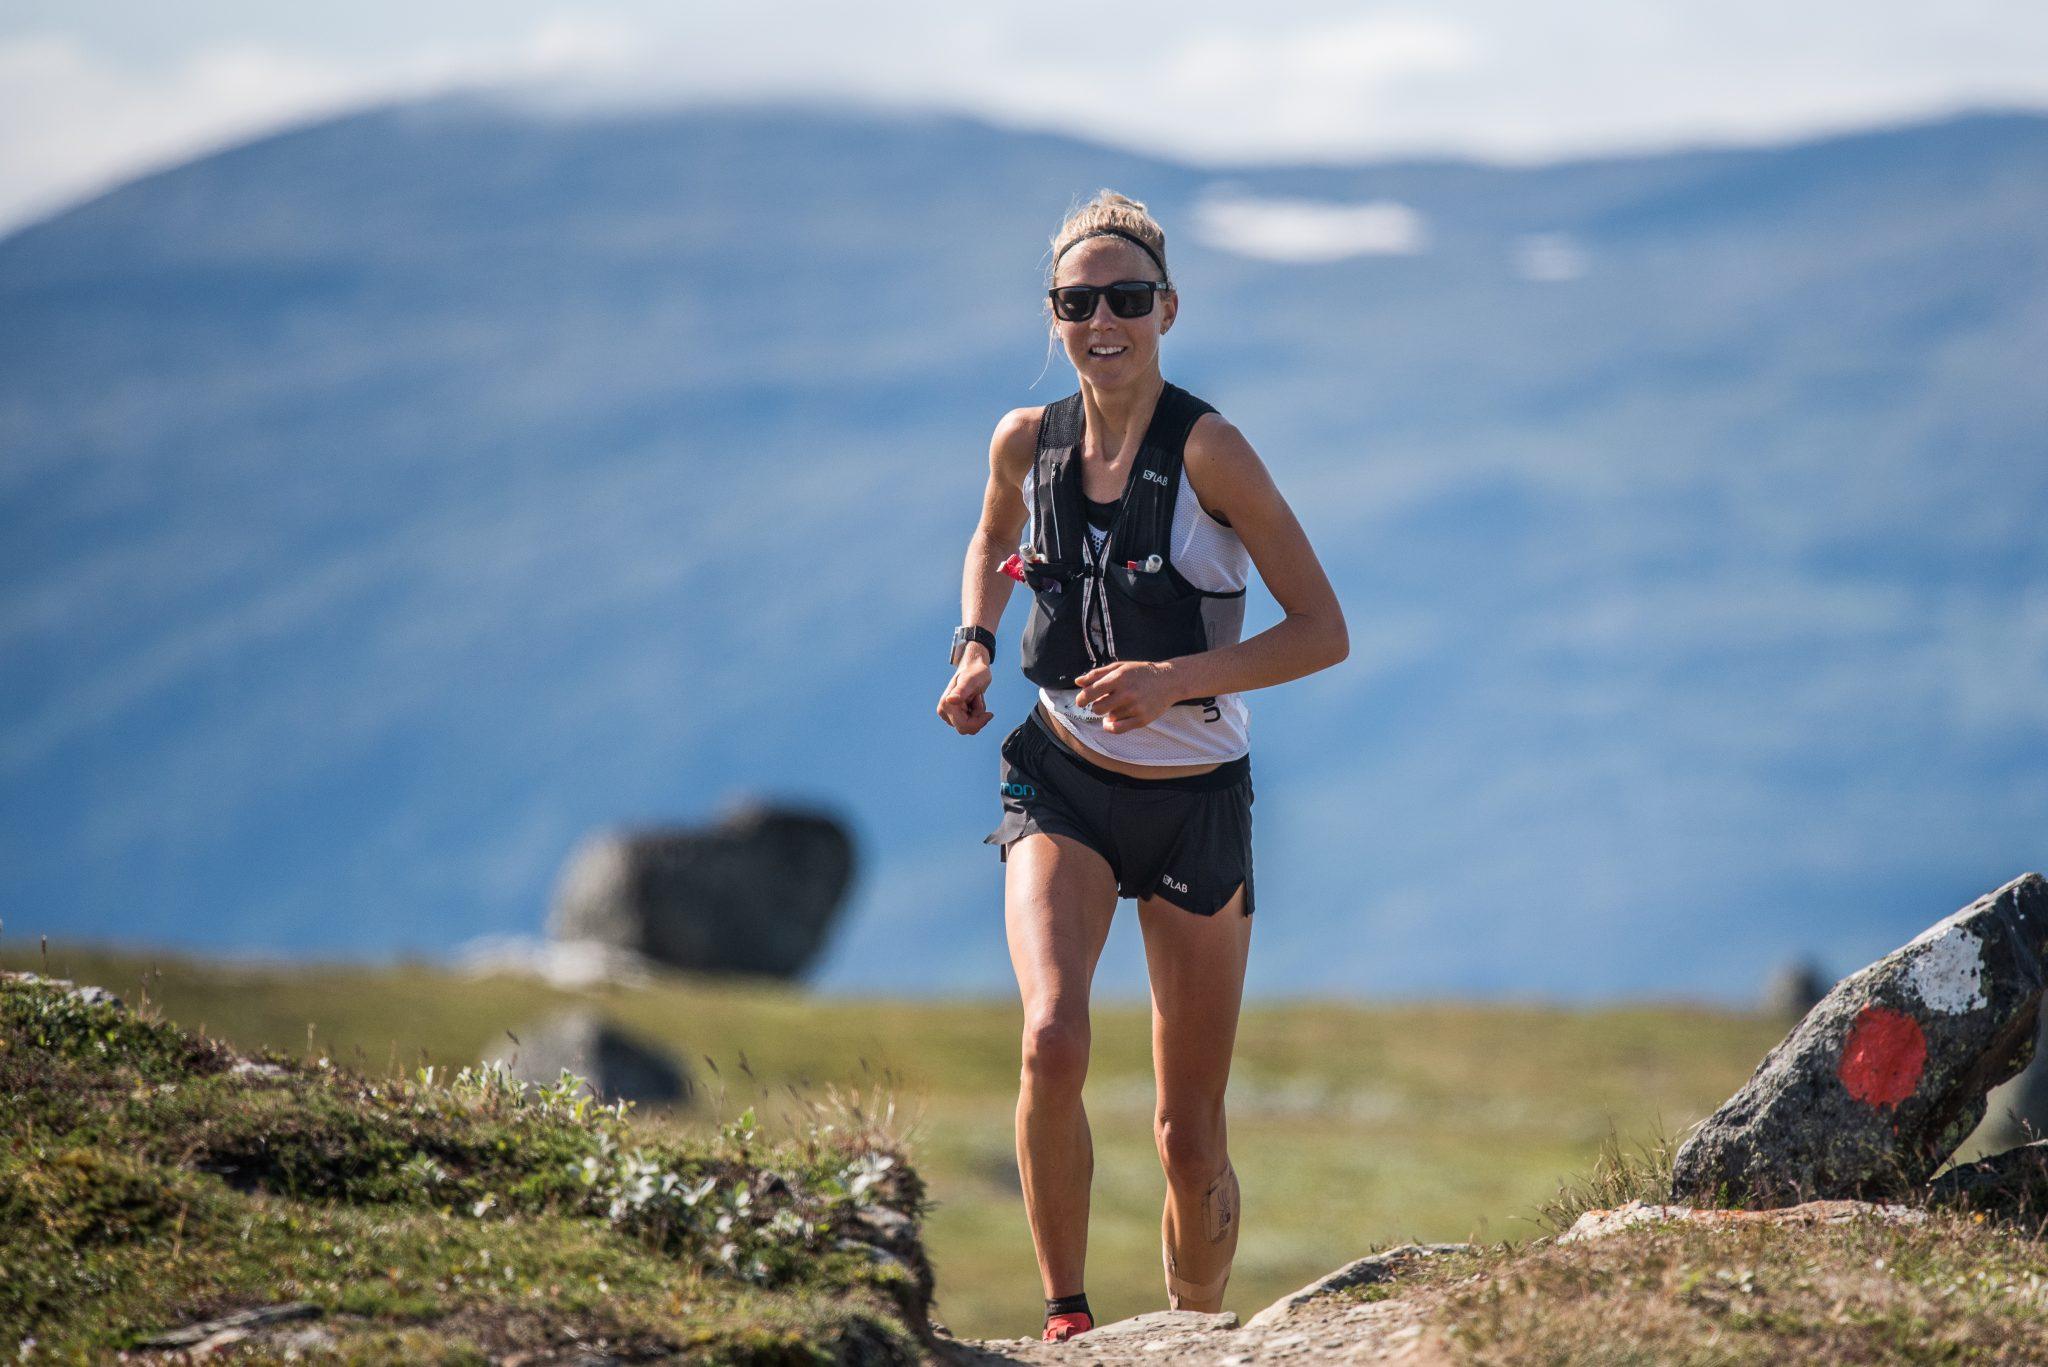 fannyborgström ultramarathon.se Allt om ultralöpning